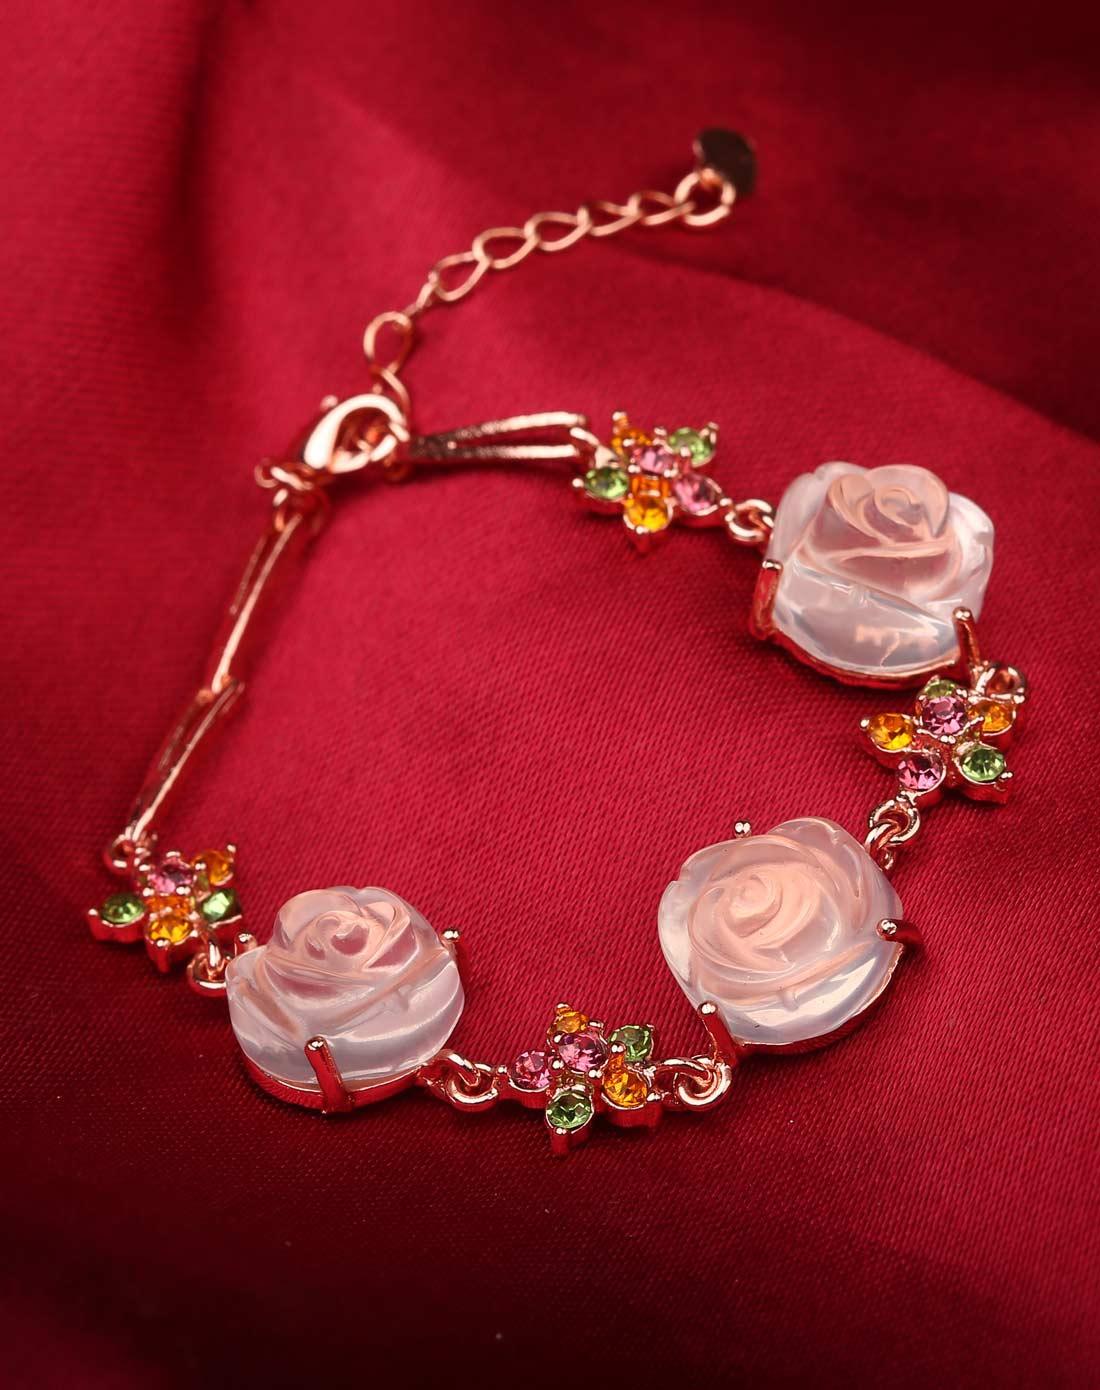 天然粉水晶玫瑰花镶嵌手链